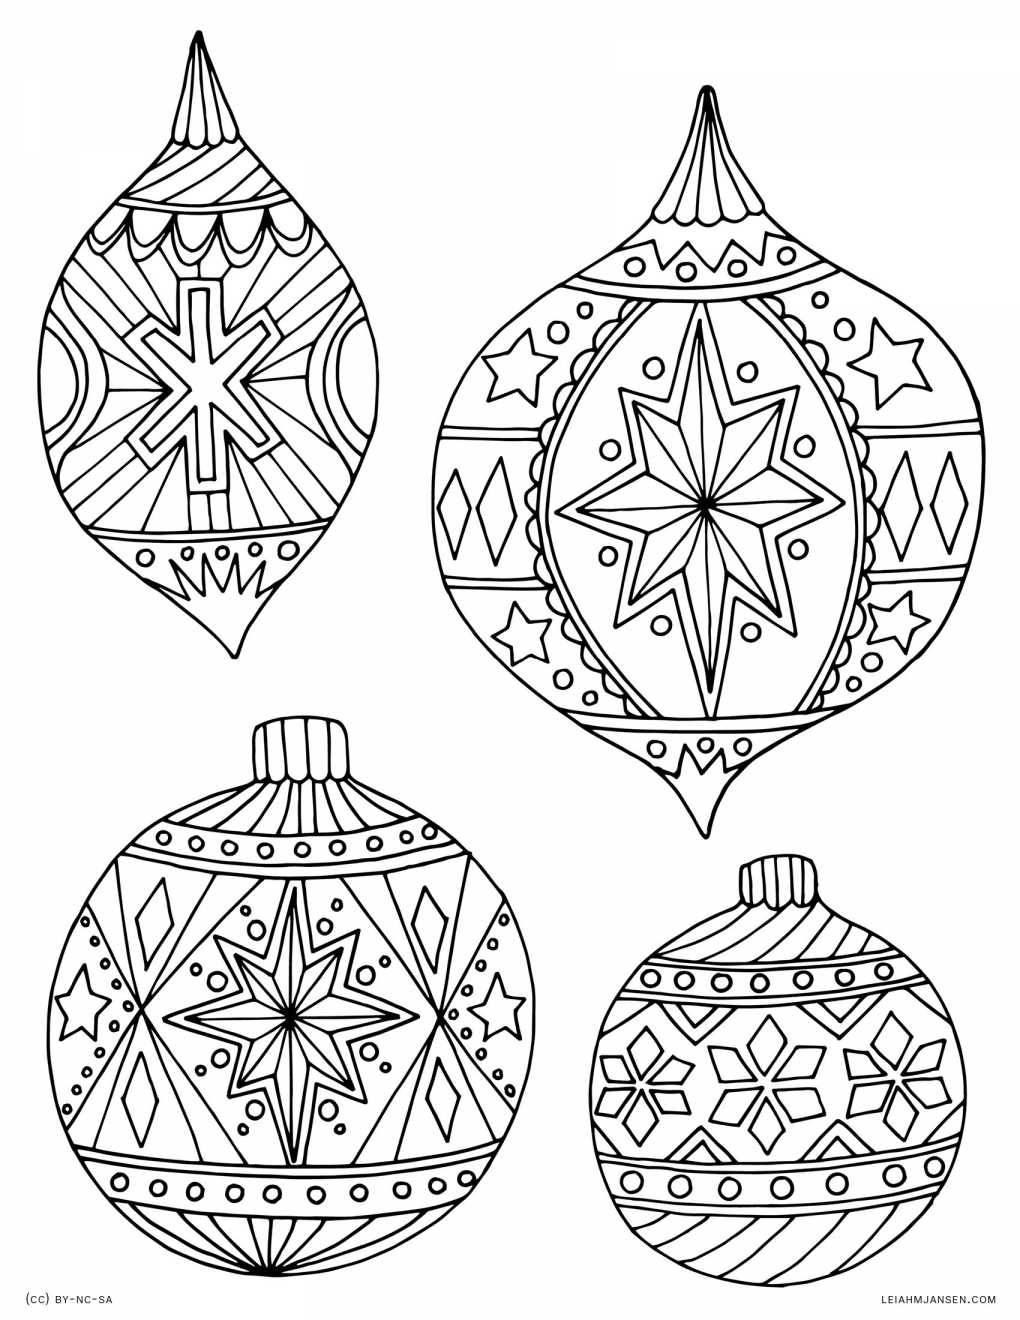 30 Cheerful Printable Christmas Ornaments | Kittybabylove - Free Printable Christmas Ornament Patterns